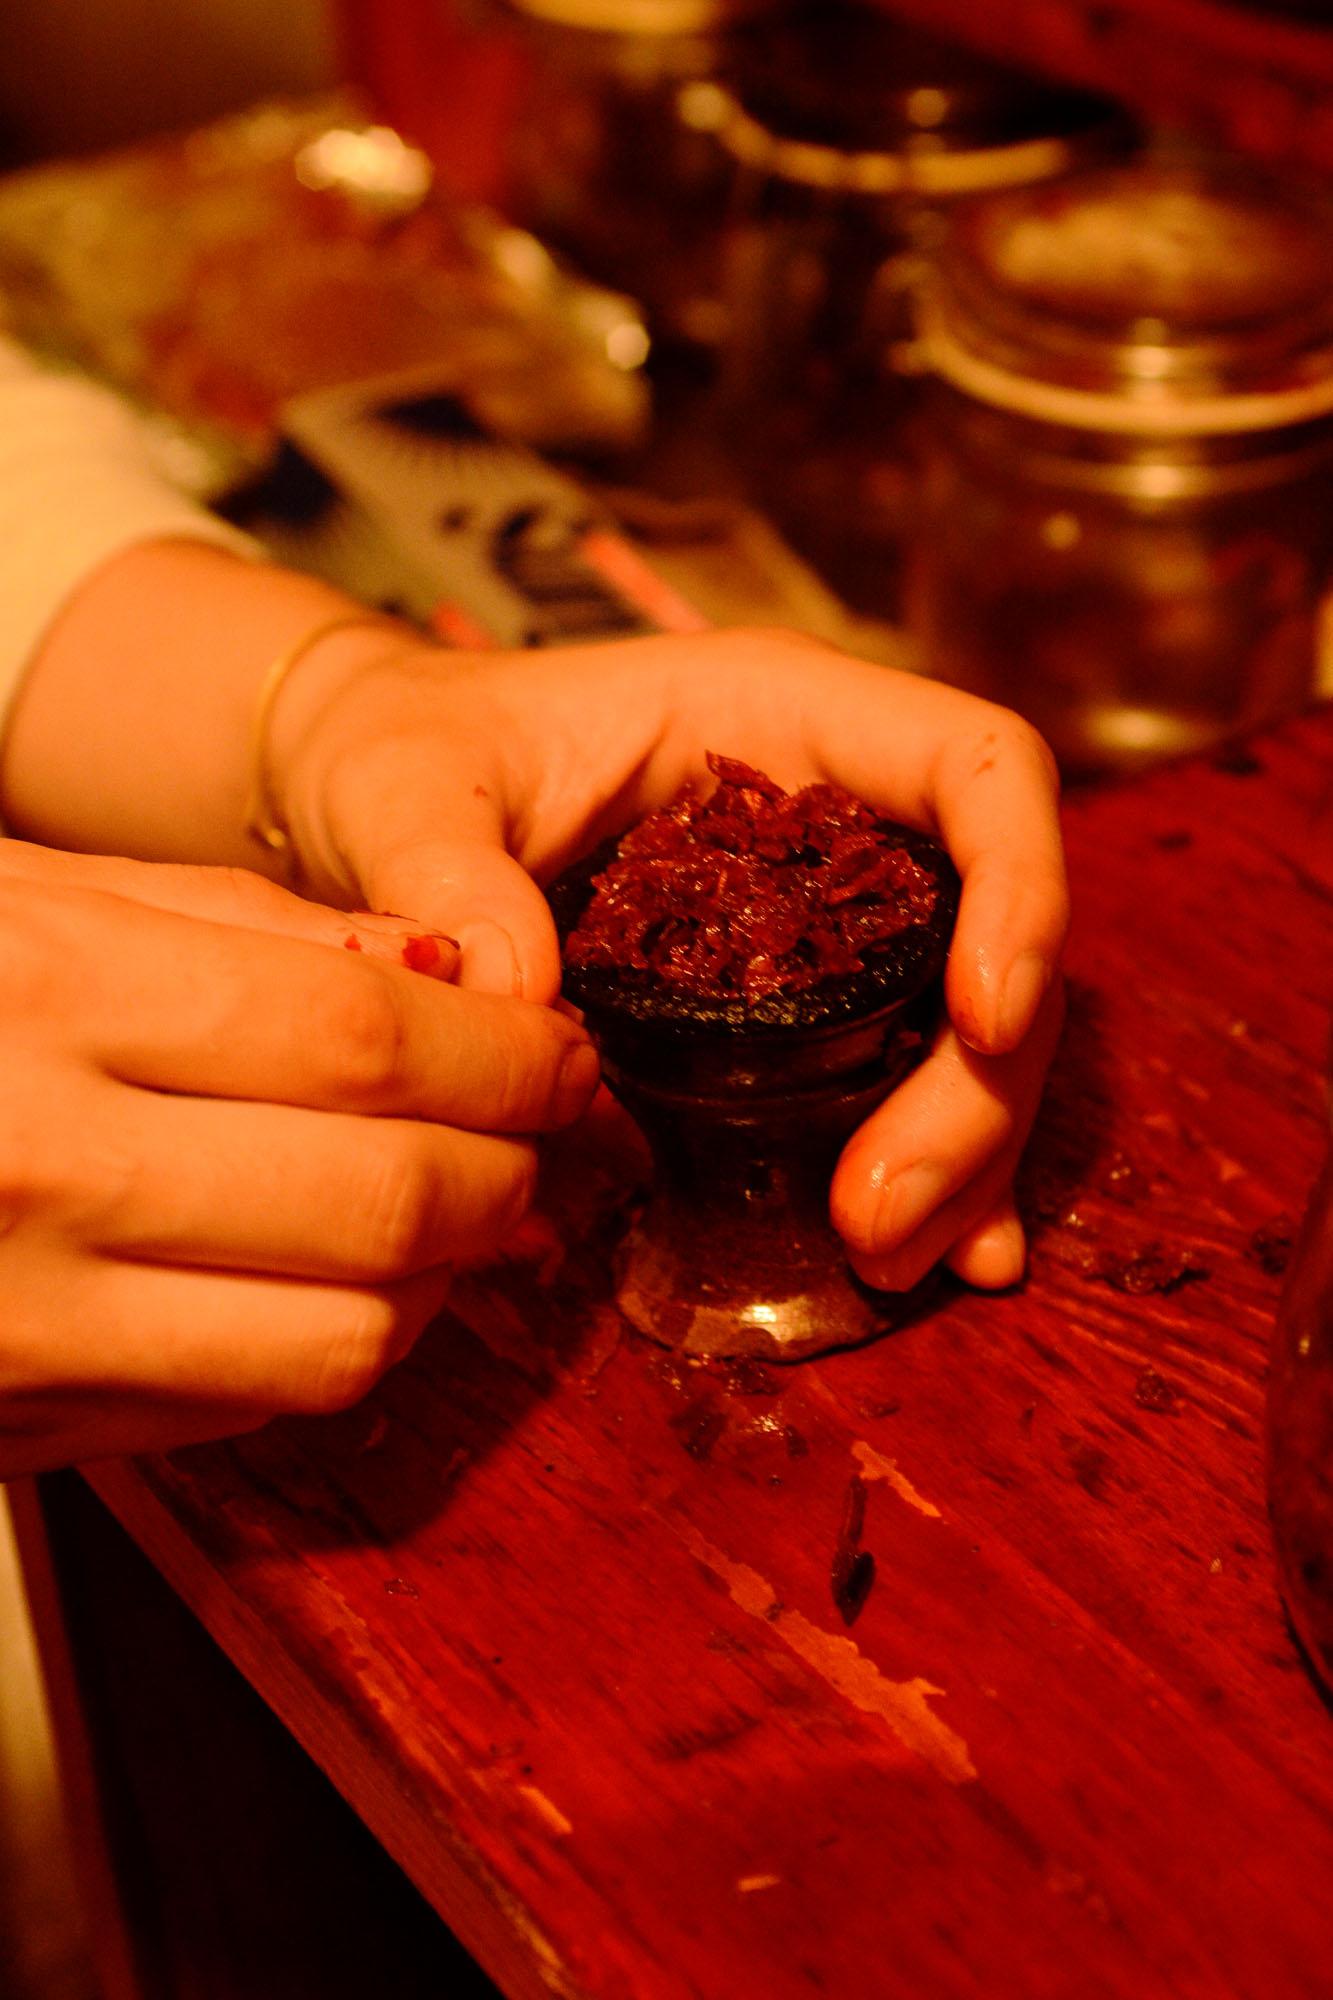 水たばこカフェ「シーシャ」に集うアブ・バクルさんとカフェで知り合った仲間。ハガル(パイプ上部のたばこを入れる部分)にスイカやリンゴなどの風味を加えた水タバコを盛って吸う